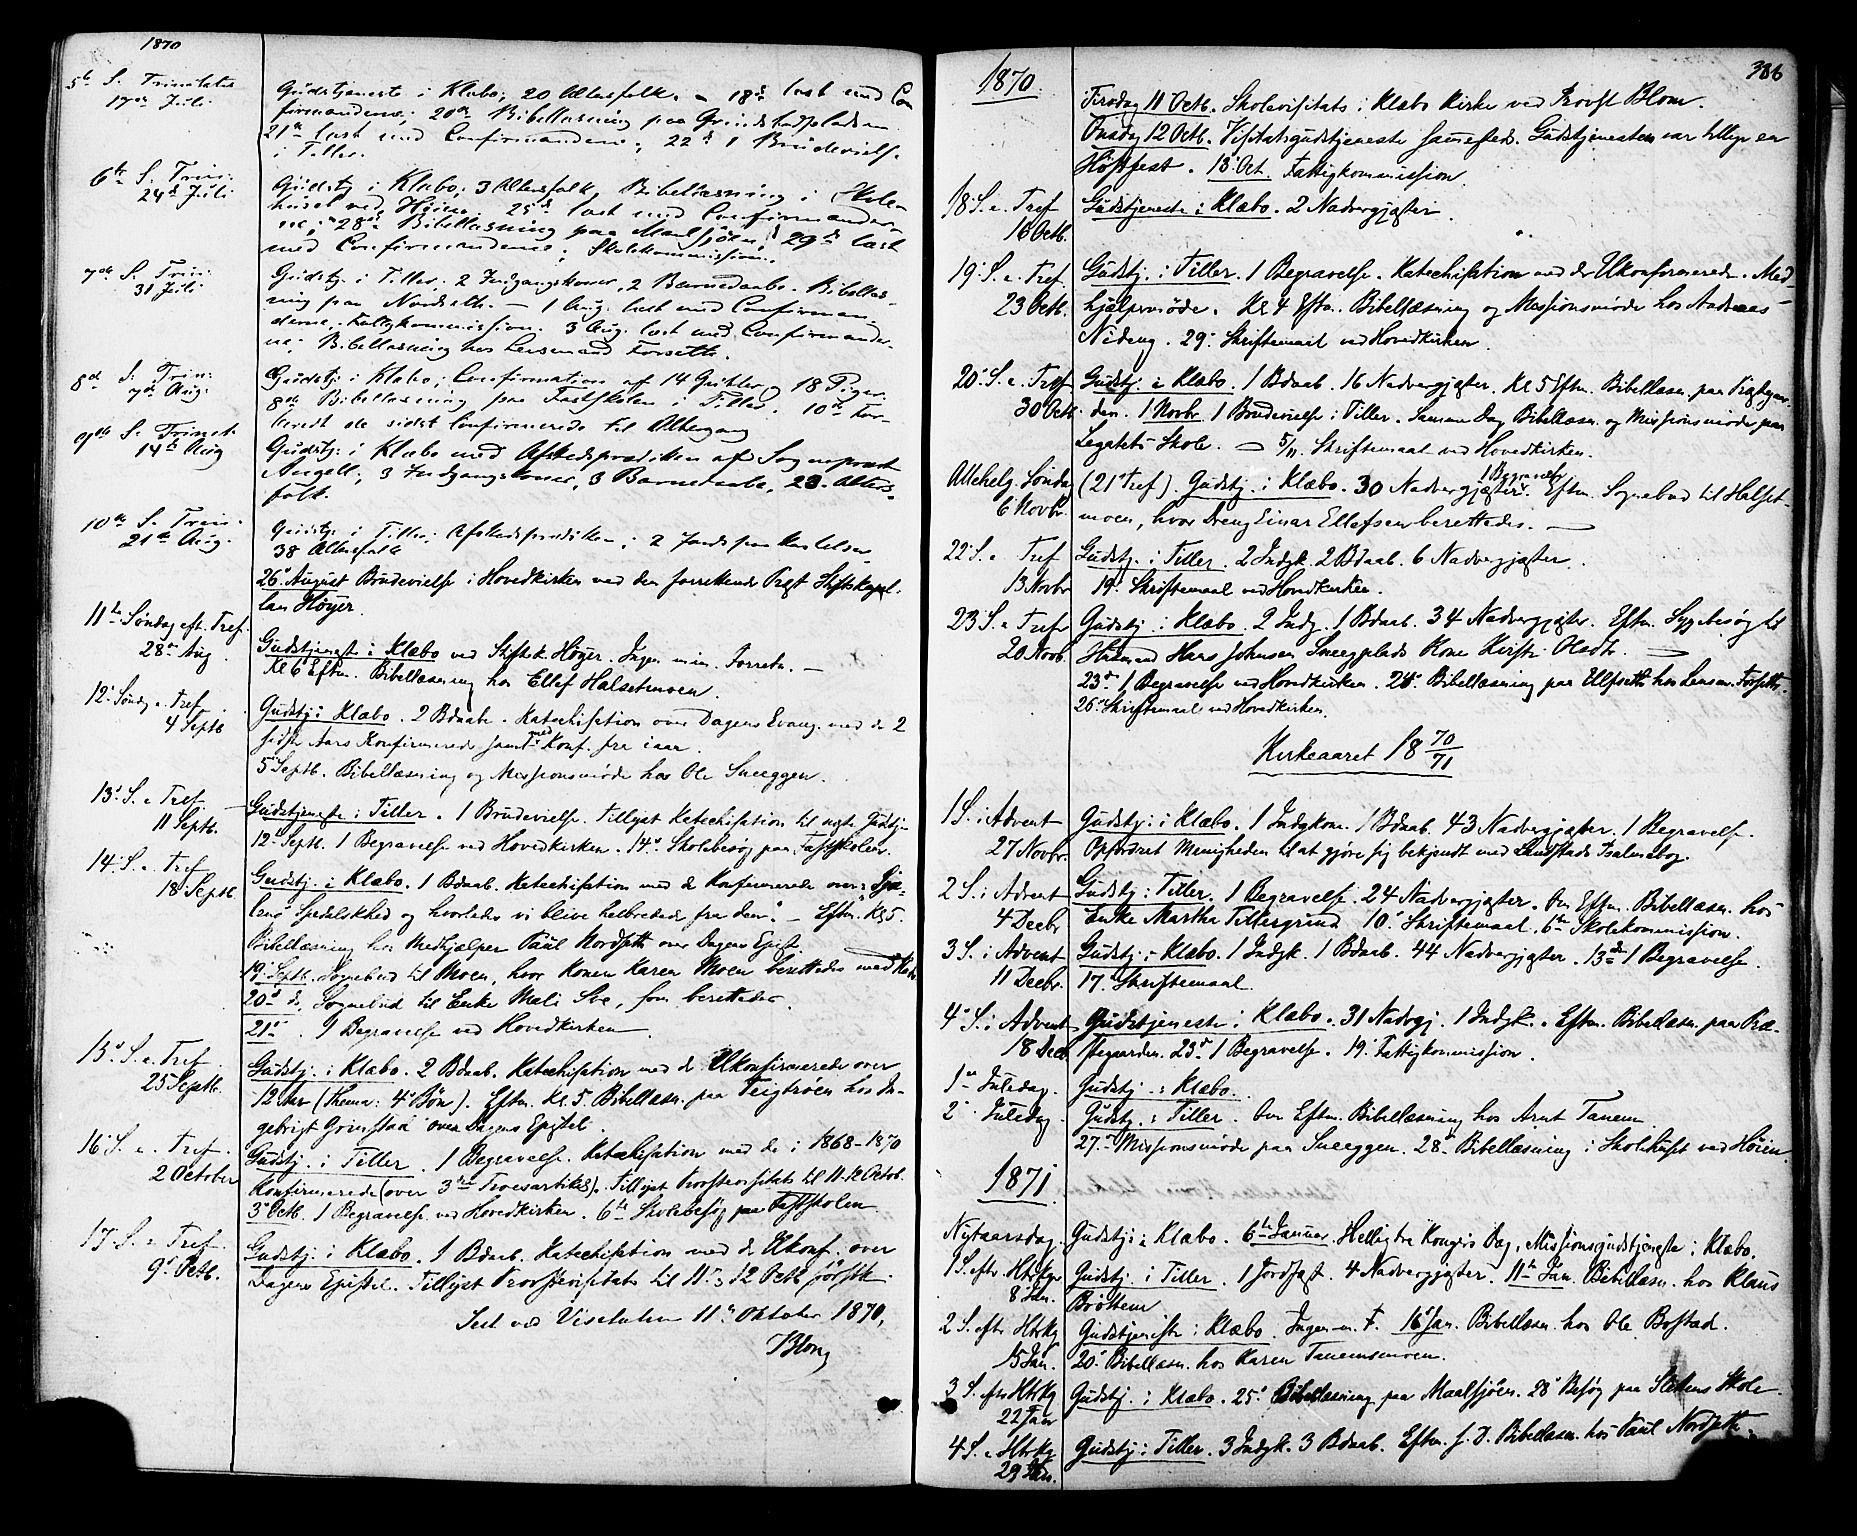 SAT, Ministerialprotokoller, klokkerbøker og fødselsregistre - Sør-Trøndelag, 618/L0442: Ministerialbok nr. 618A06 /1, 1863-1879, s. 386